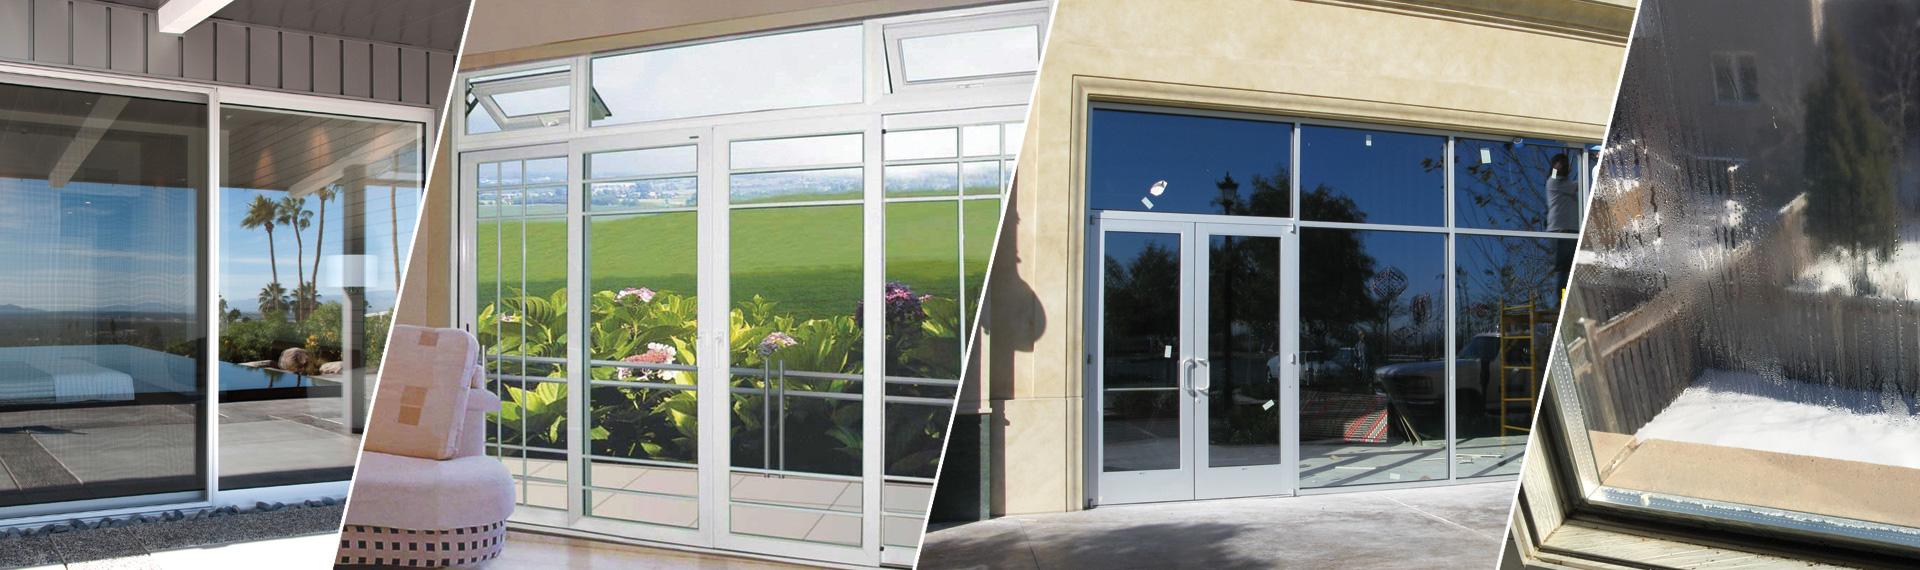 Fairfax Glass Repair